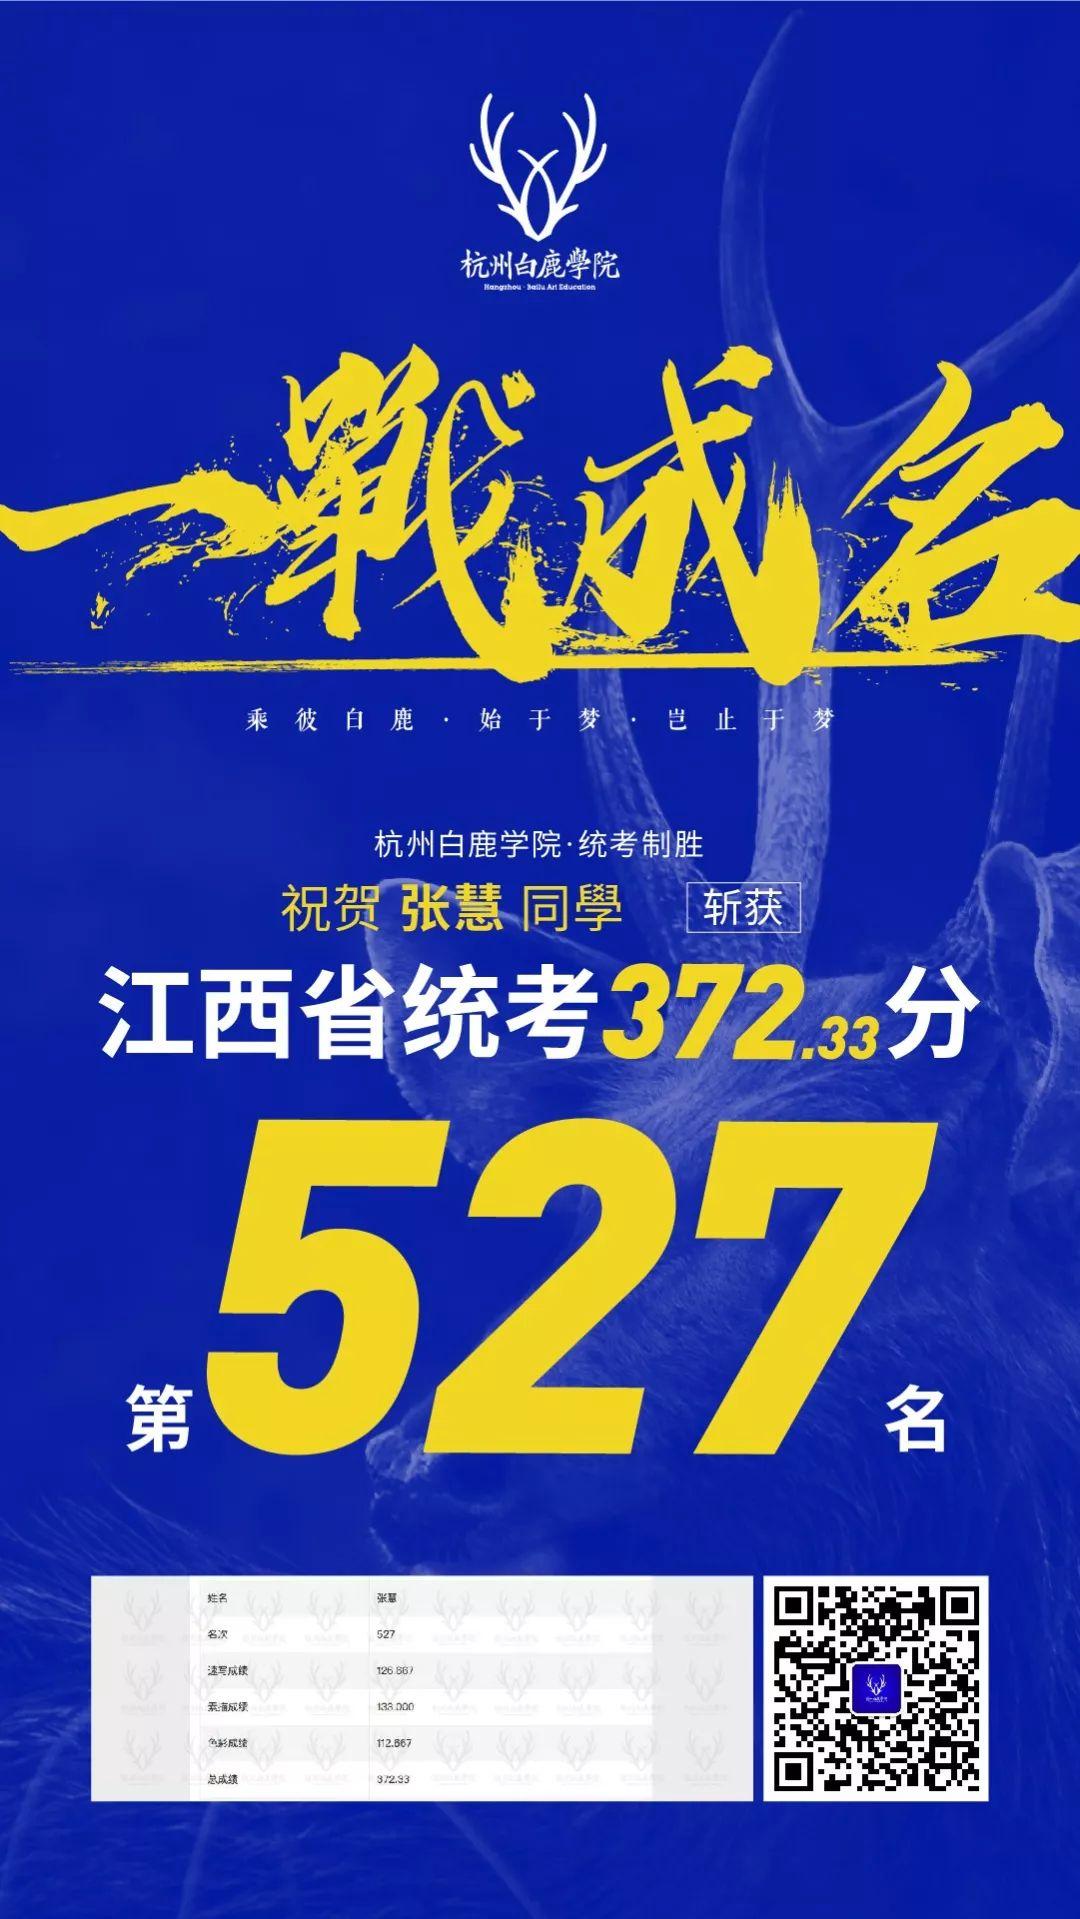 杭州画室,杭州美术培训,杭州联考美术培训,19